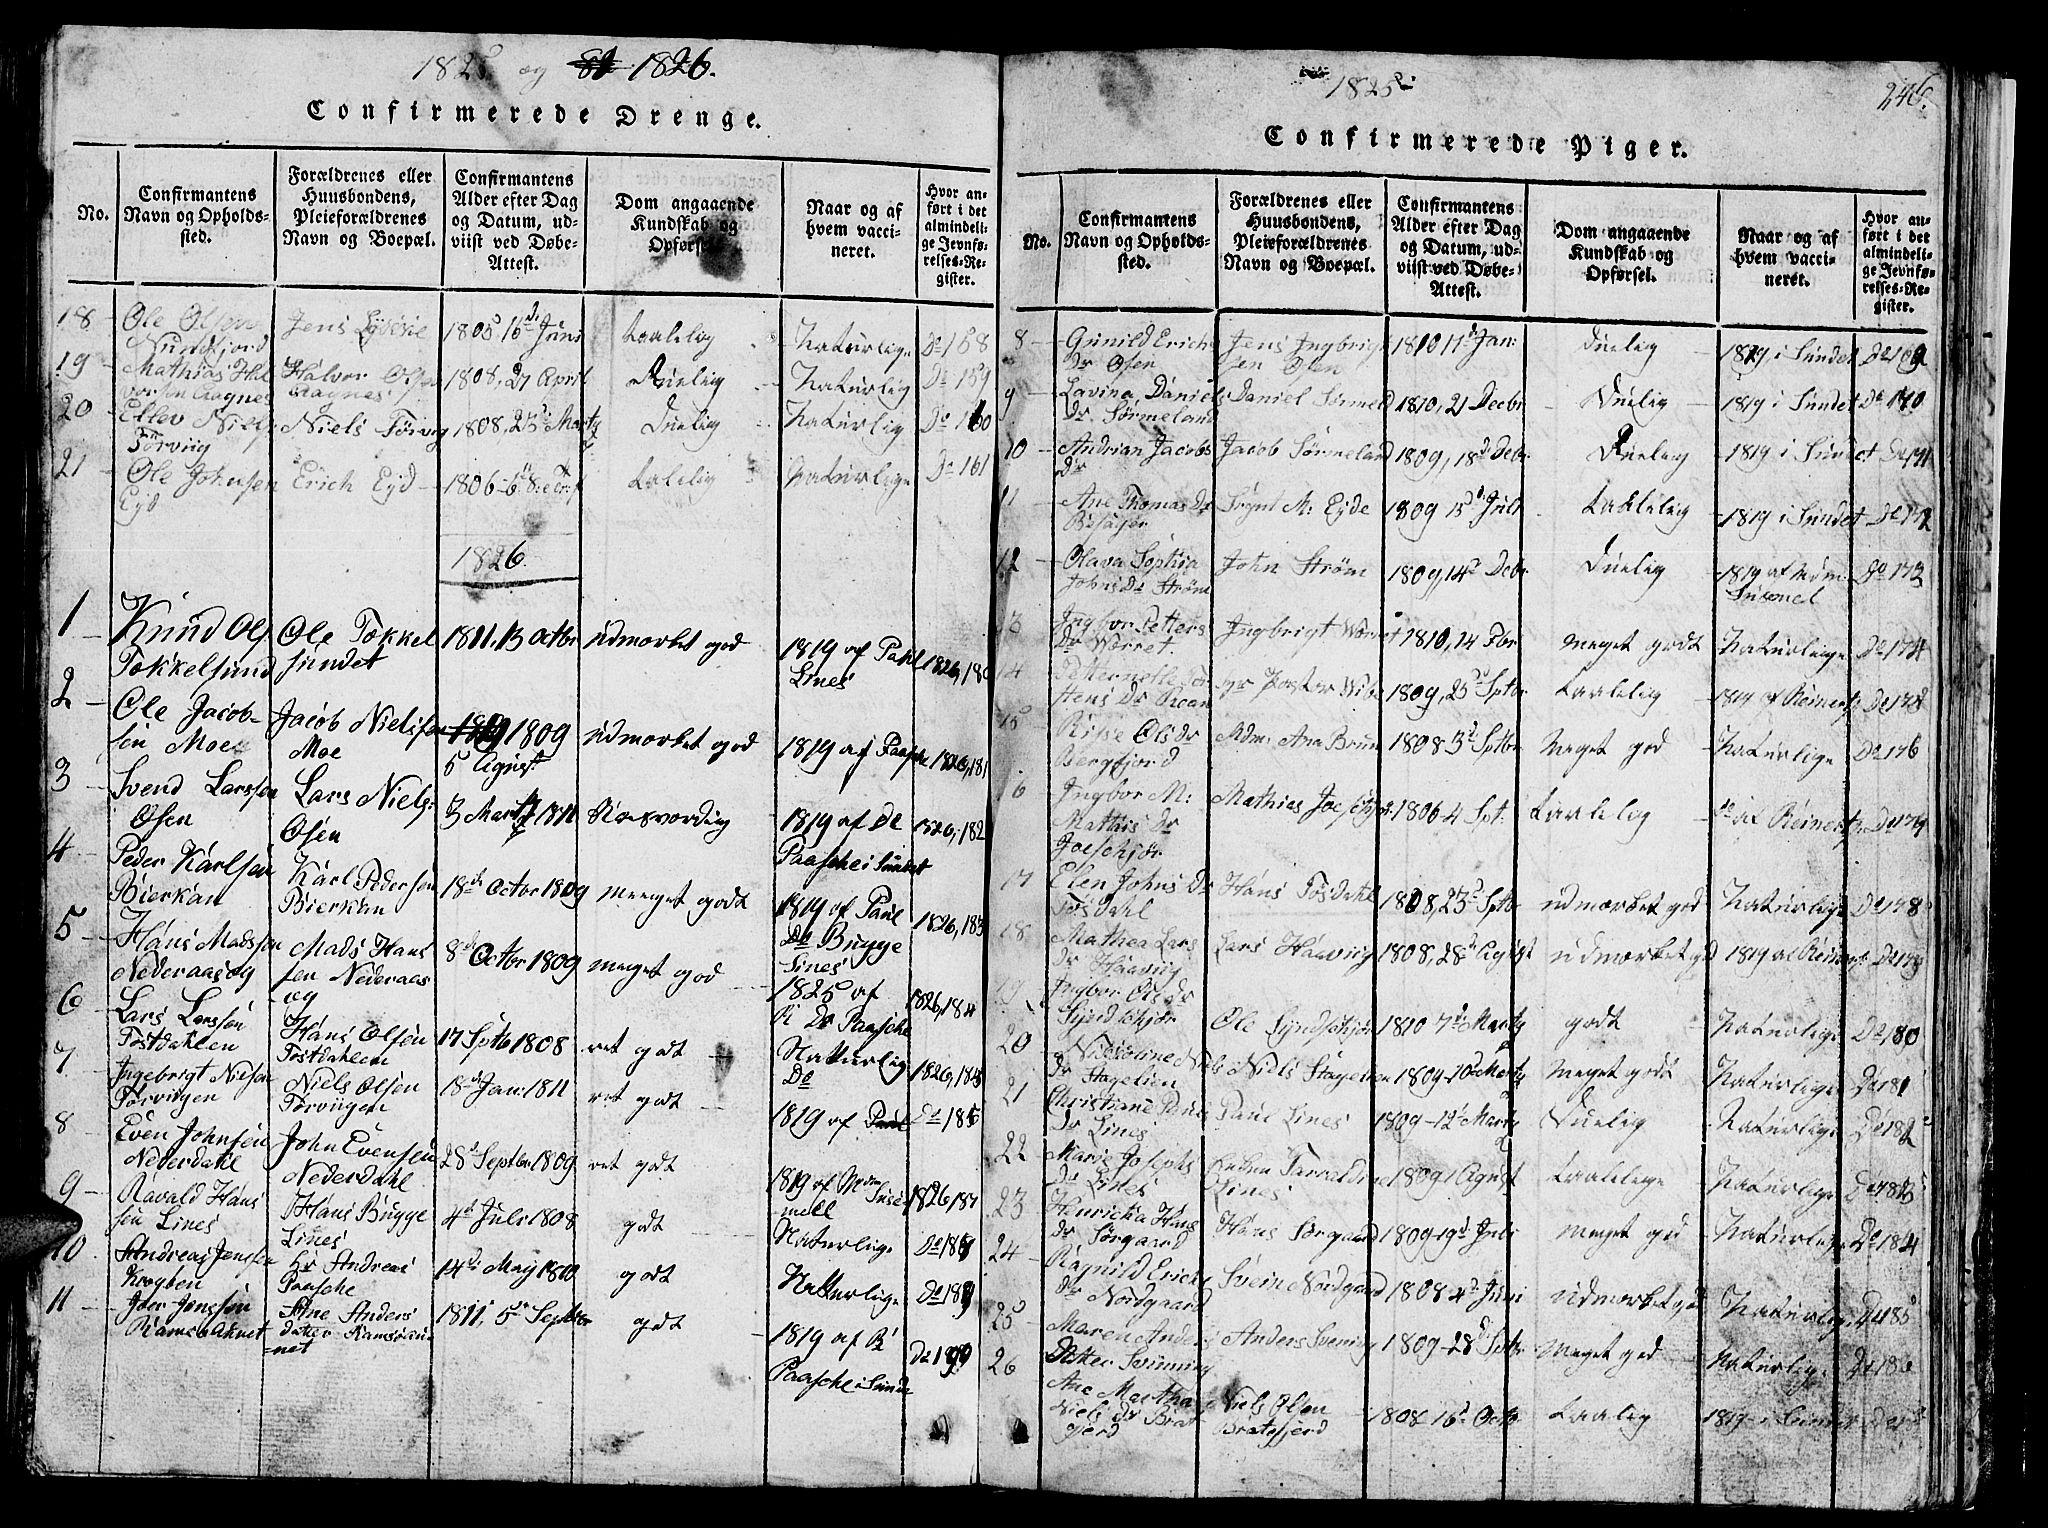 SAT, Ministerialprotokoller, klokkerbøker og fødselsregistre - Sør-Trøndelag, 657/L0714: Klokkerbok nr. 657C01, 1818-1868, s. 240